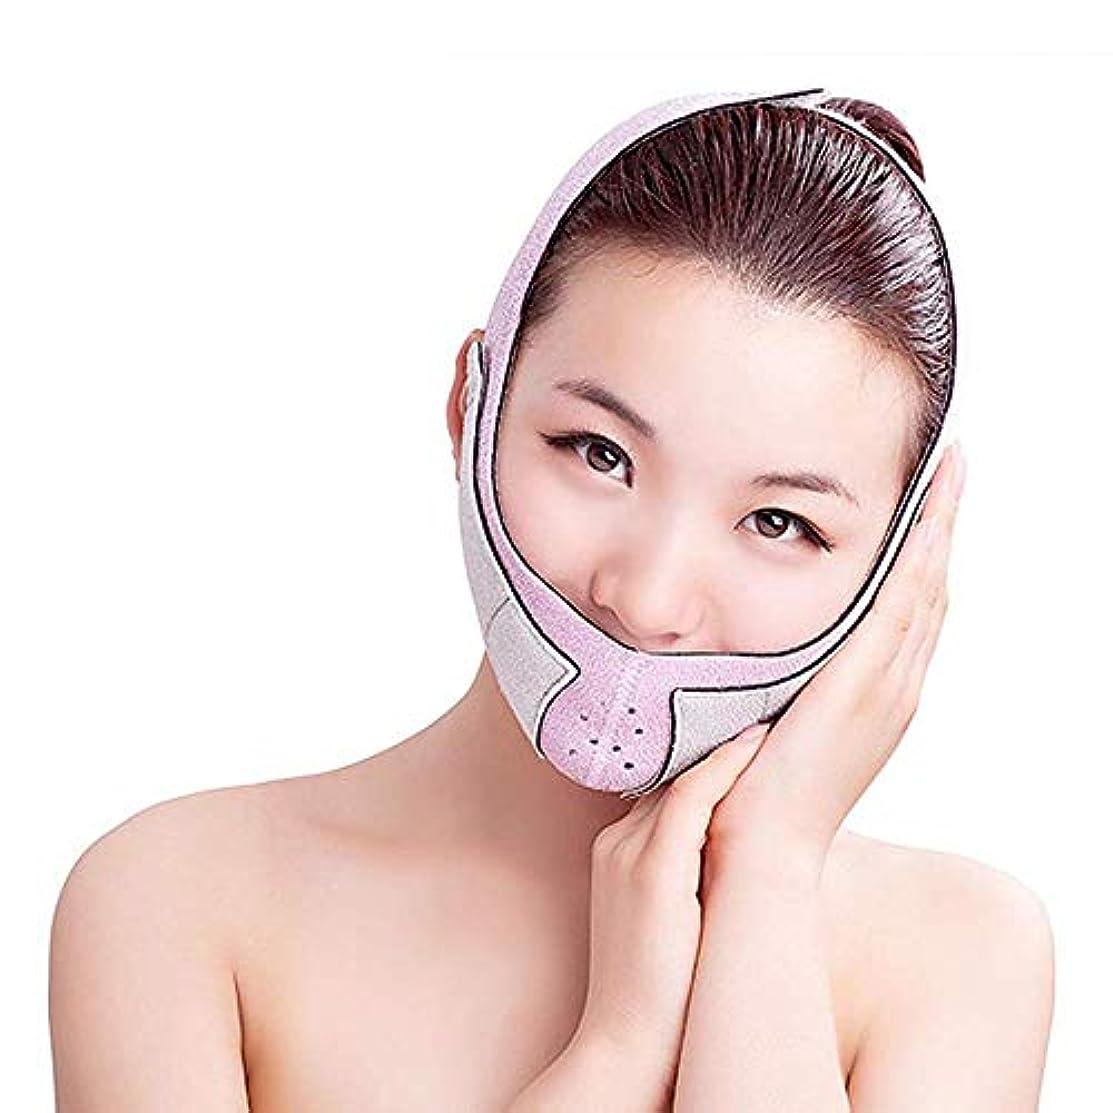 後継経過中傷薄い顔ベルト薄い顔ベルト通気性の補正3D薄い顔V顔ベルト包帯薄い顔アーティファクト (色 : B)